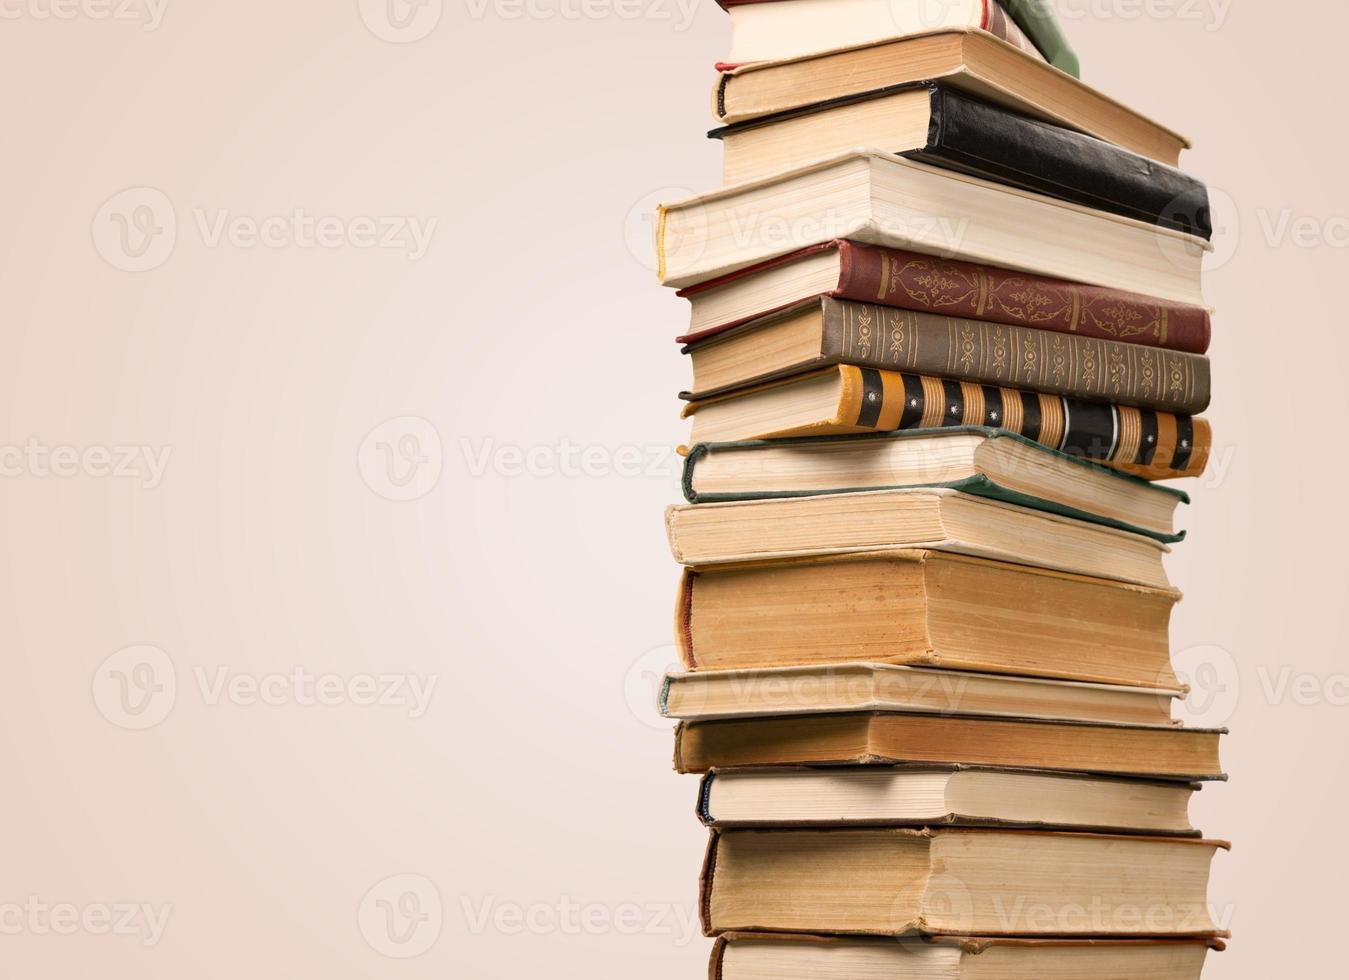 boek, stapel, leerboek foto